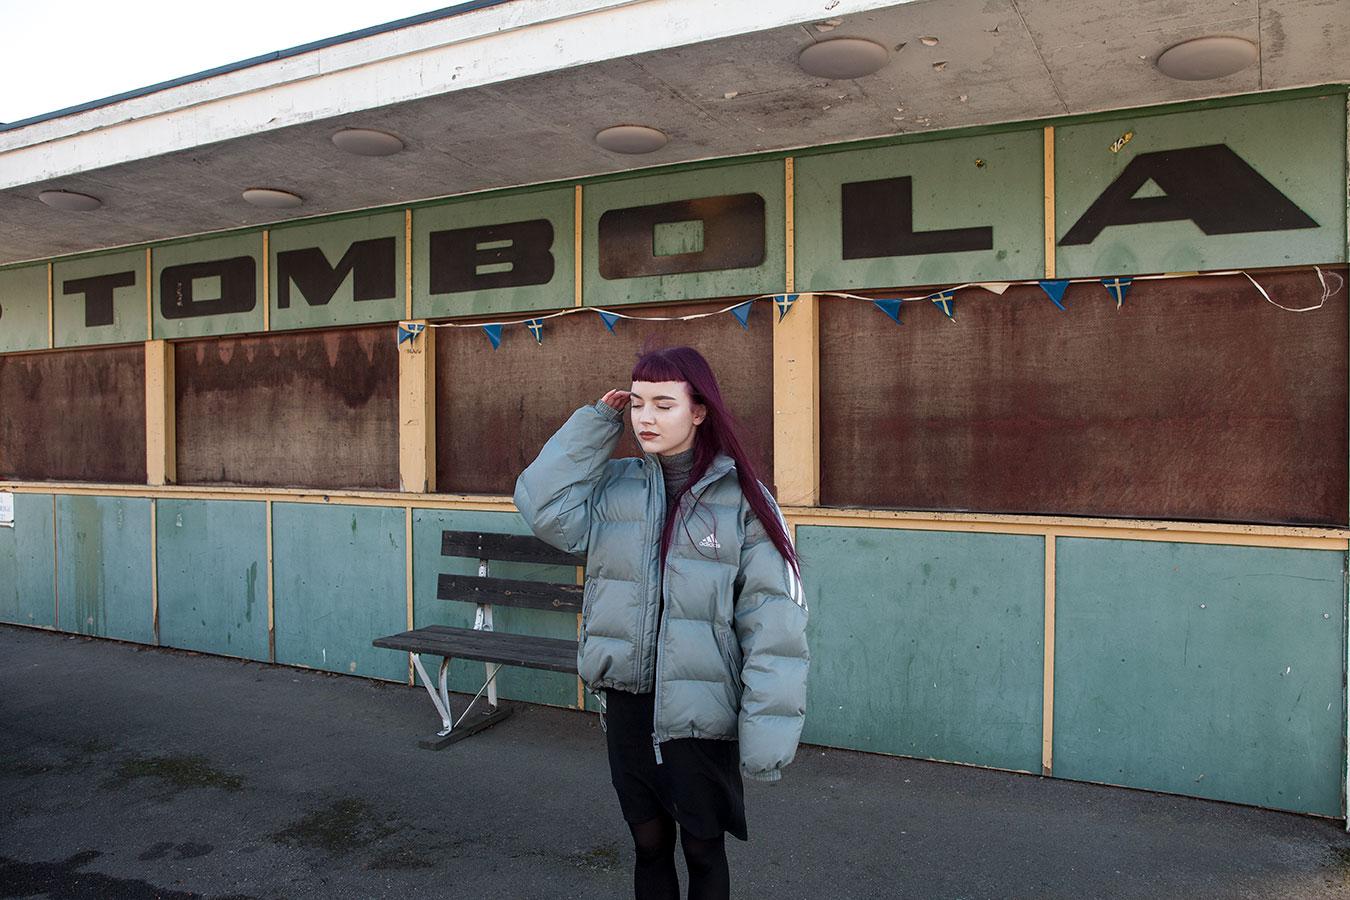 Av fotograf i Linköping - Fotografering i Linköping av fotograf Engström, fotograf Linköping, Norrköping, Östergötland